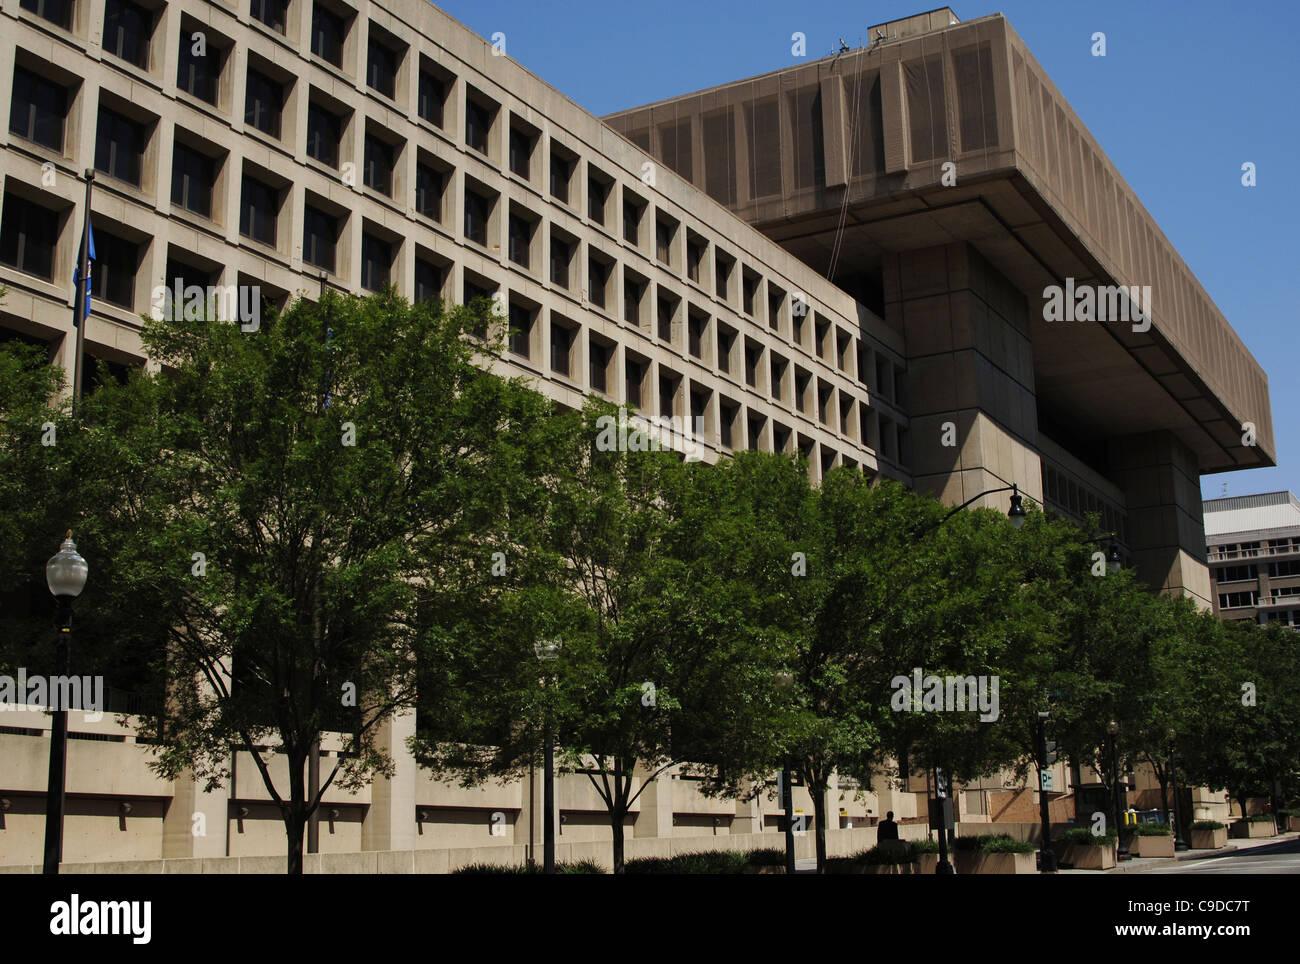 F.B.I. (Ufficio federale dell'inchiesta). Esterno. Washington D.C. Stati Uniti. Immagini Stock